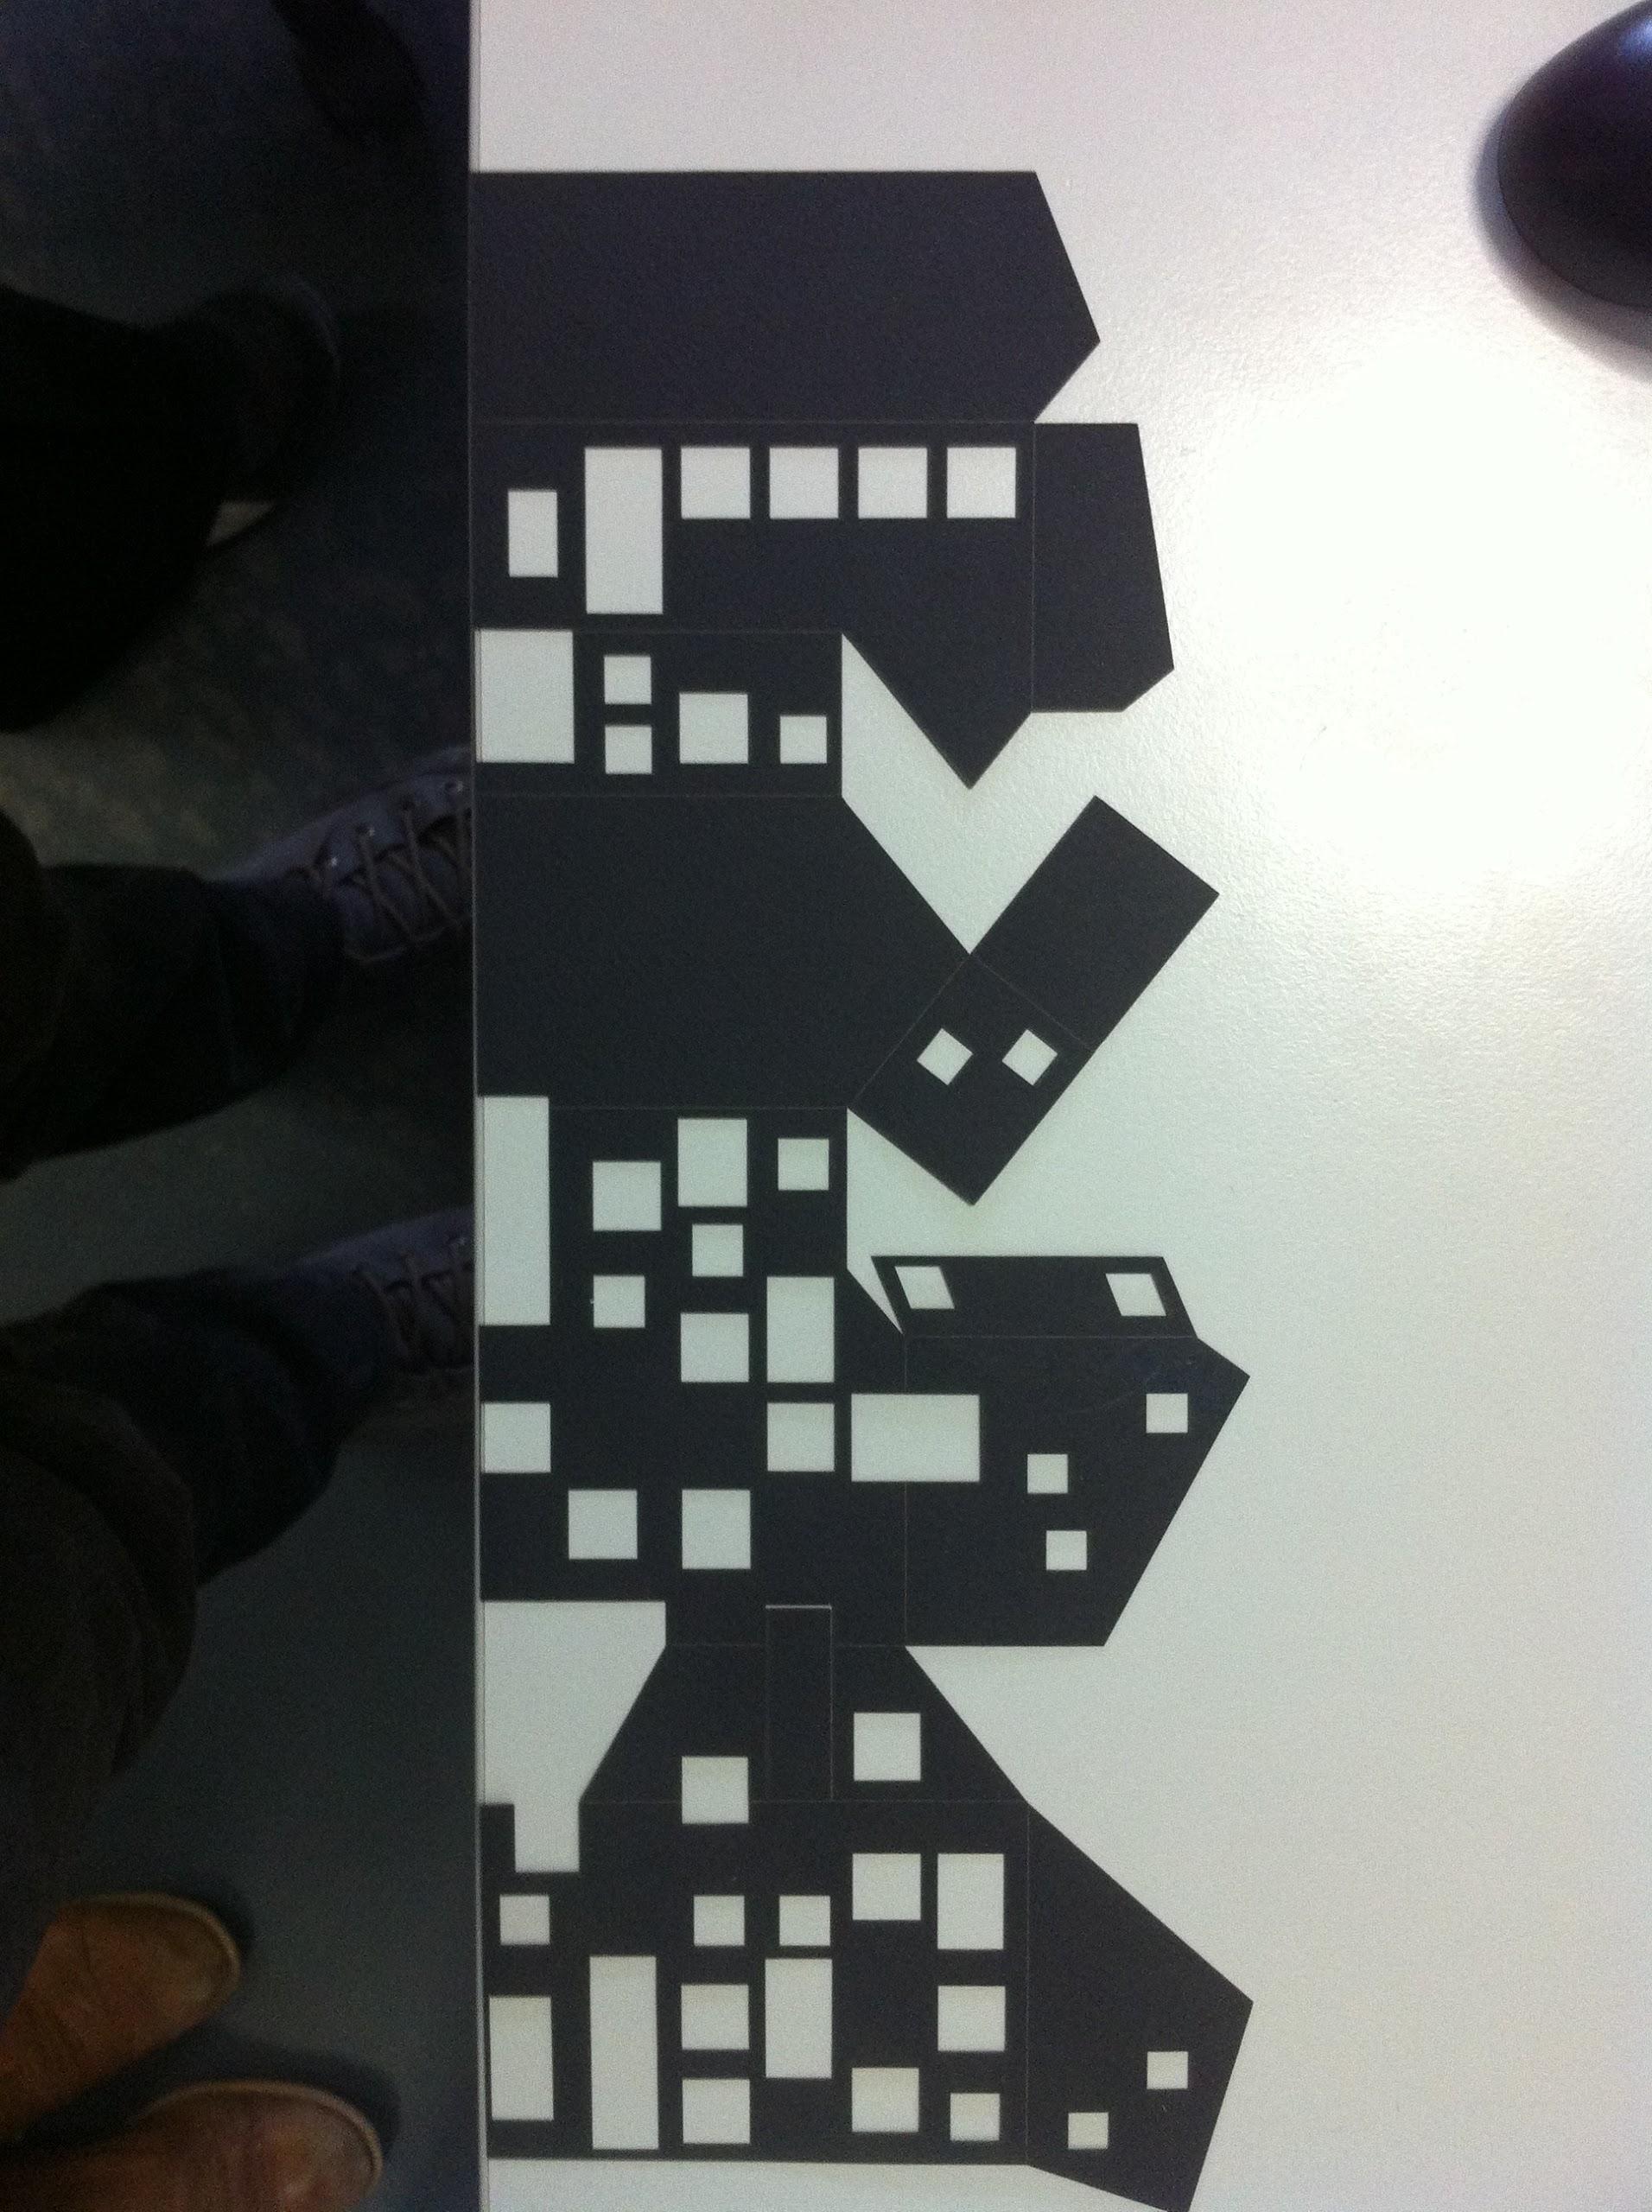 papercraft architecture model | wikimal